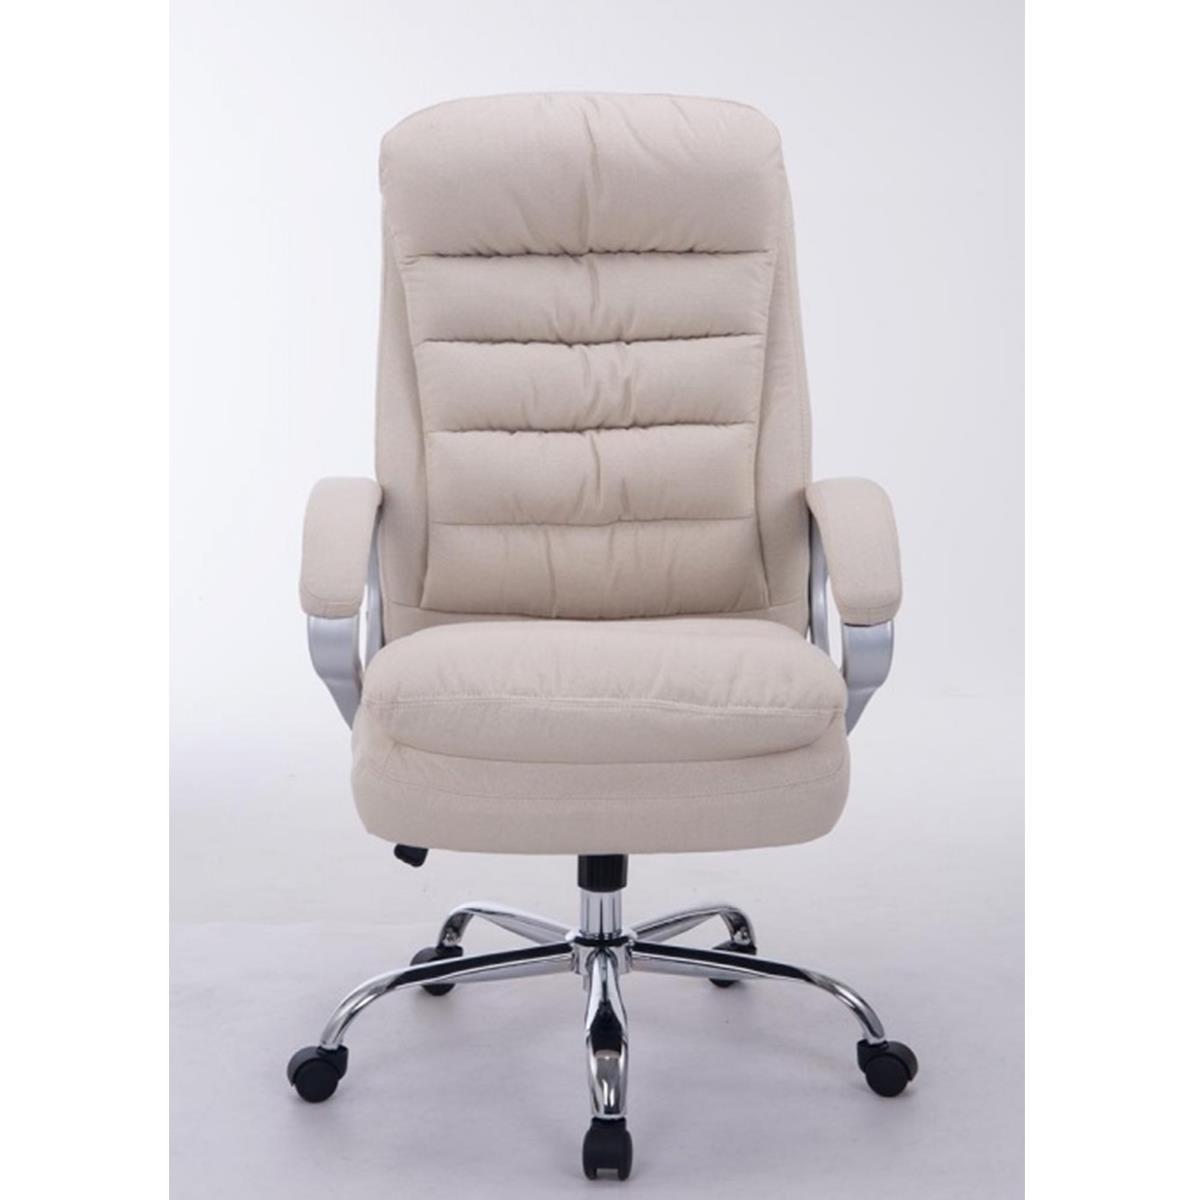 fauteuil de bureau cannes tissu grand rembourrage resistant jusqu a 160 kg blanc